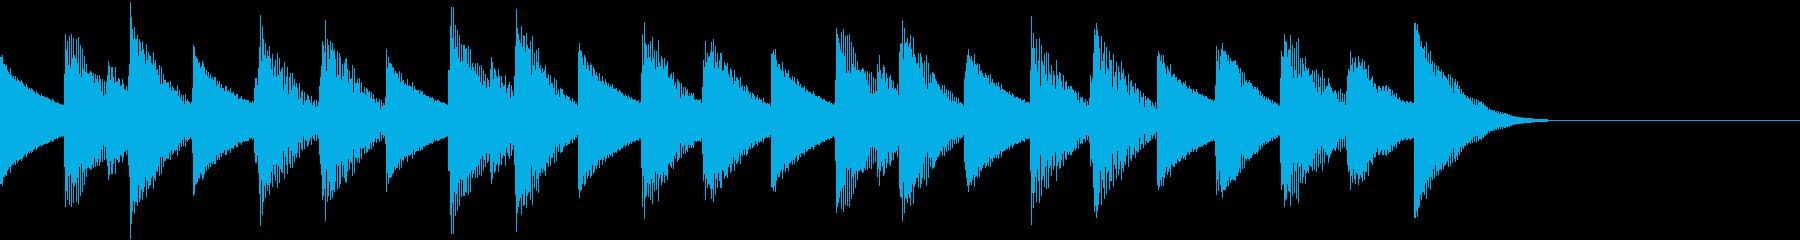 ほのぼのかわいいワルツ調のジングルの再生済みの波形